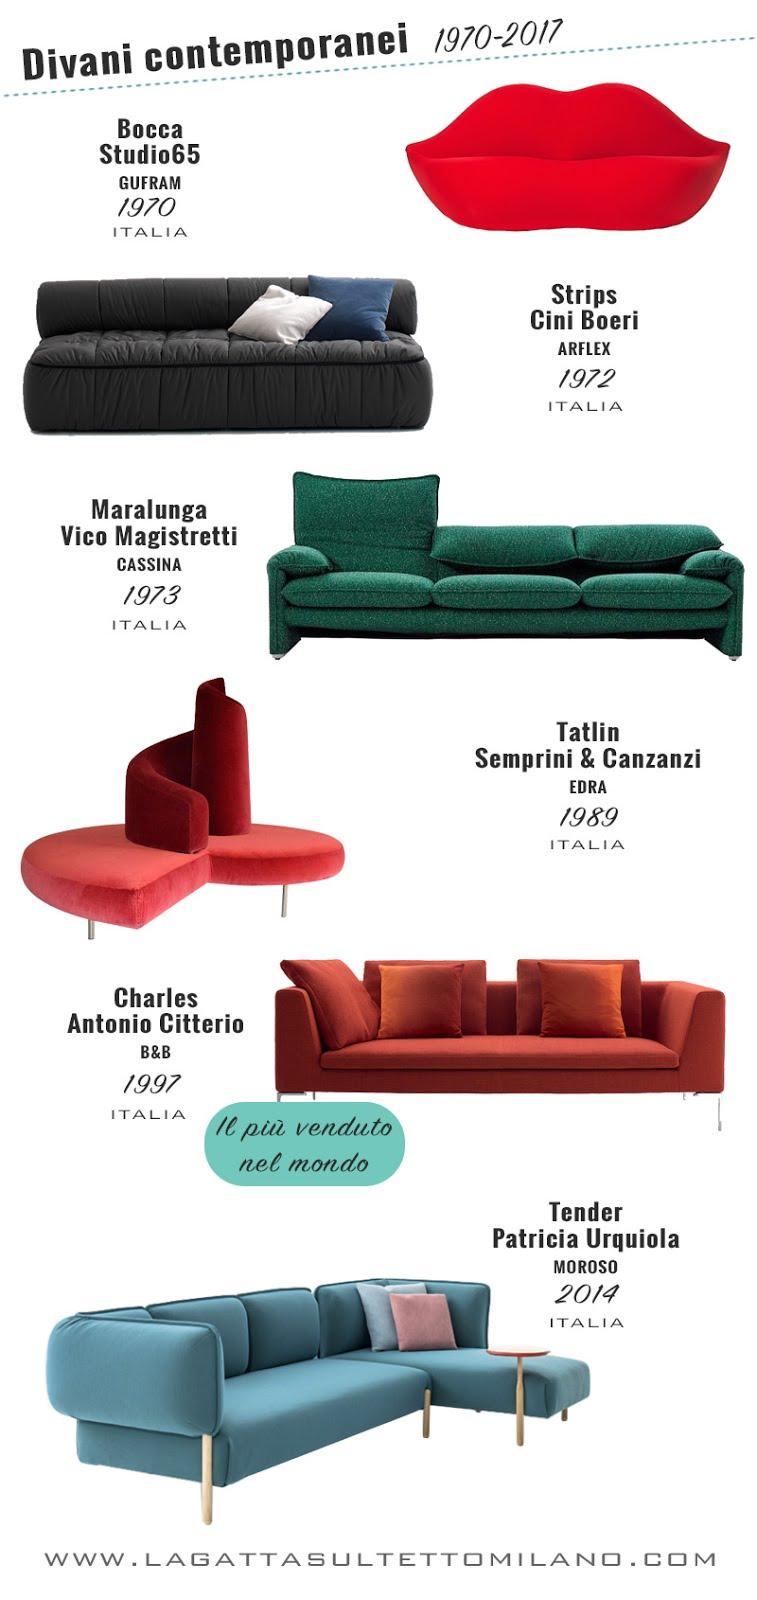 L'evoluzione del divano da Versailles ai nostri giorni infografica divani contemporanei